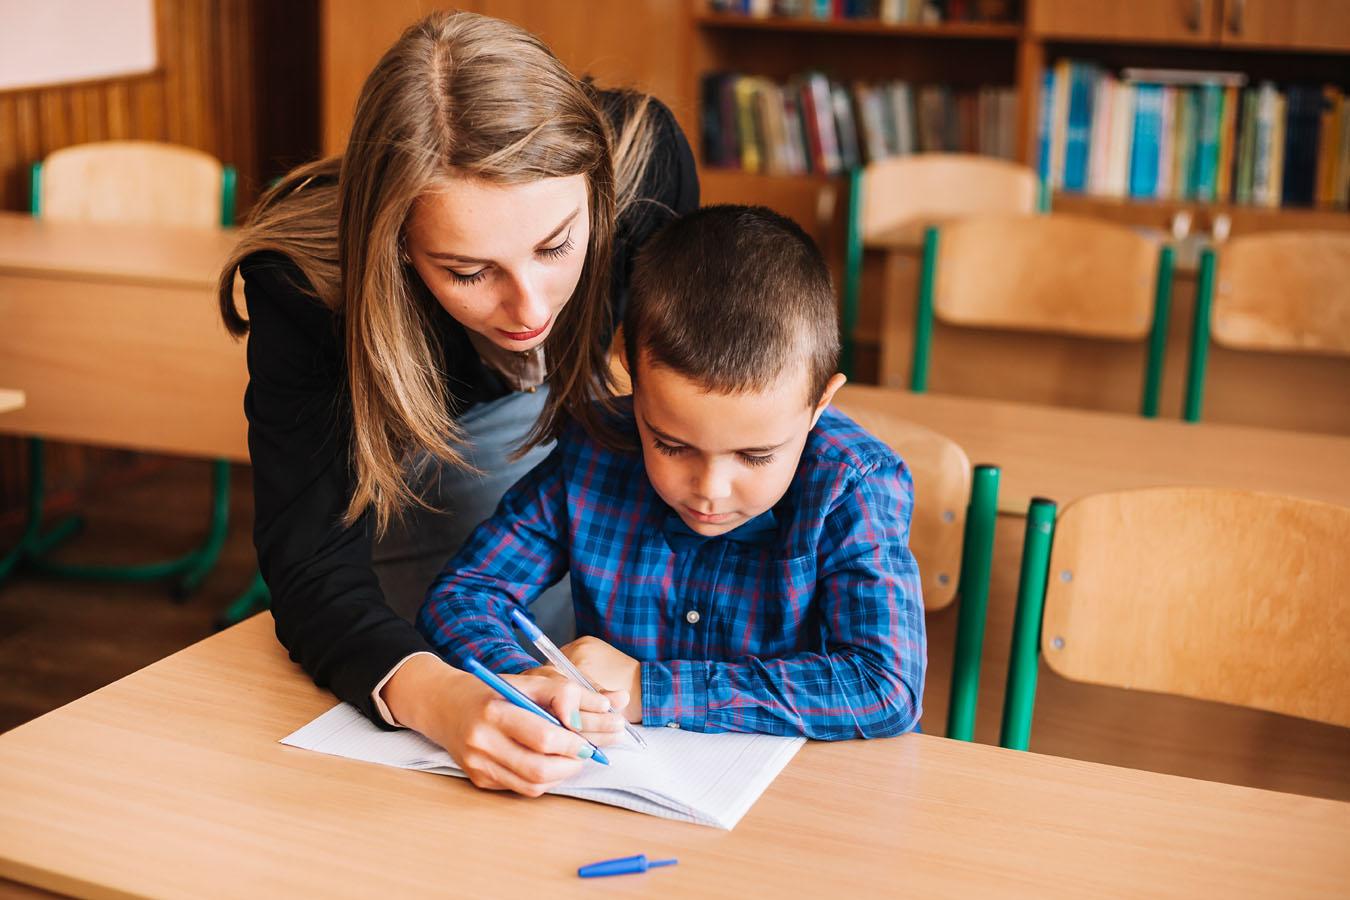 Un'operatrice aiuta un bambino a svolgere i compiti scolastici